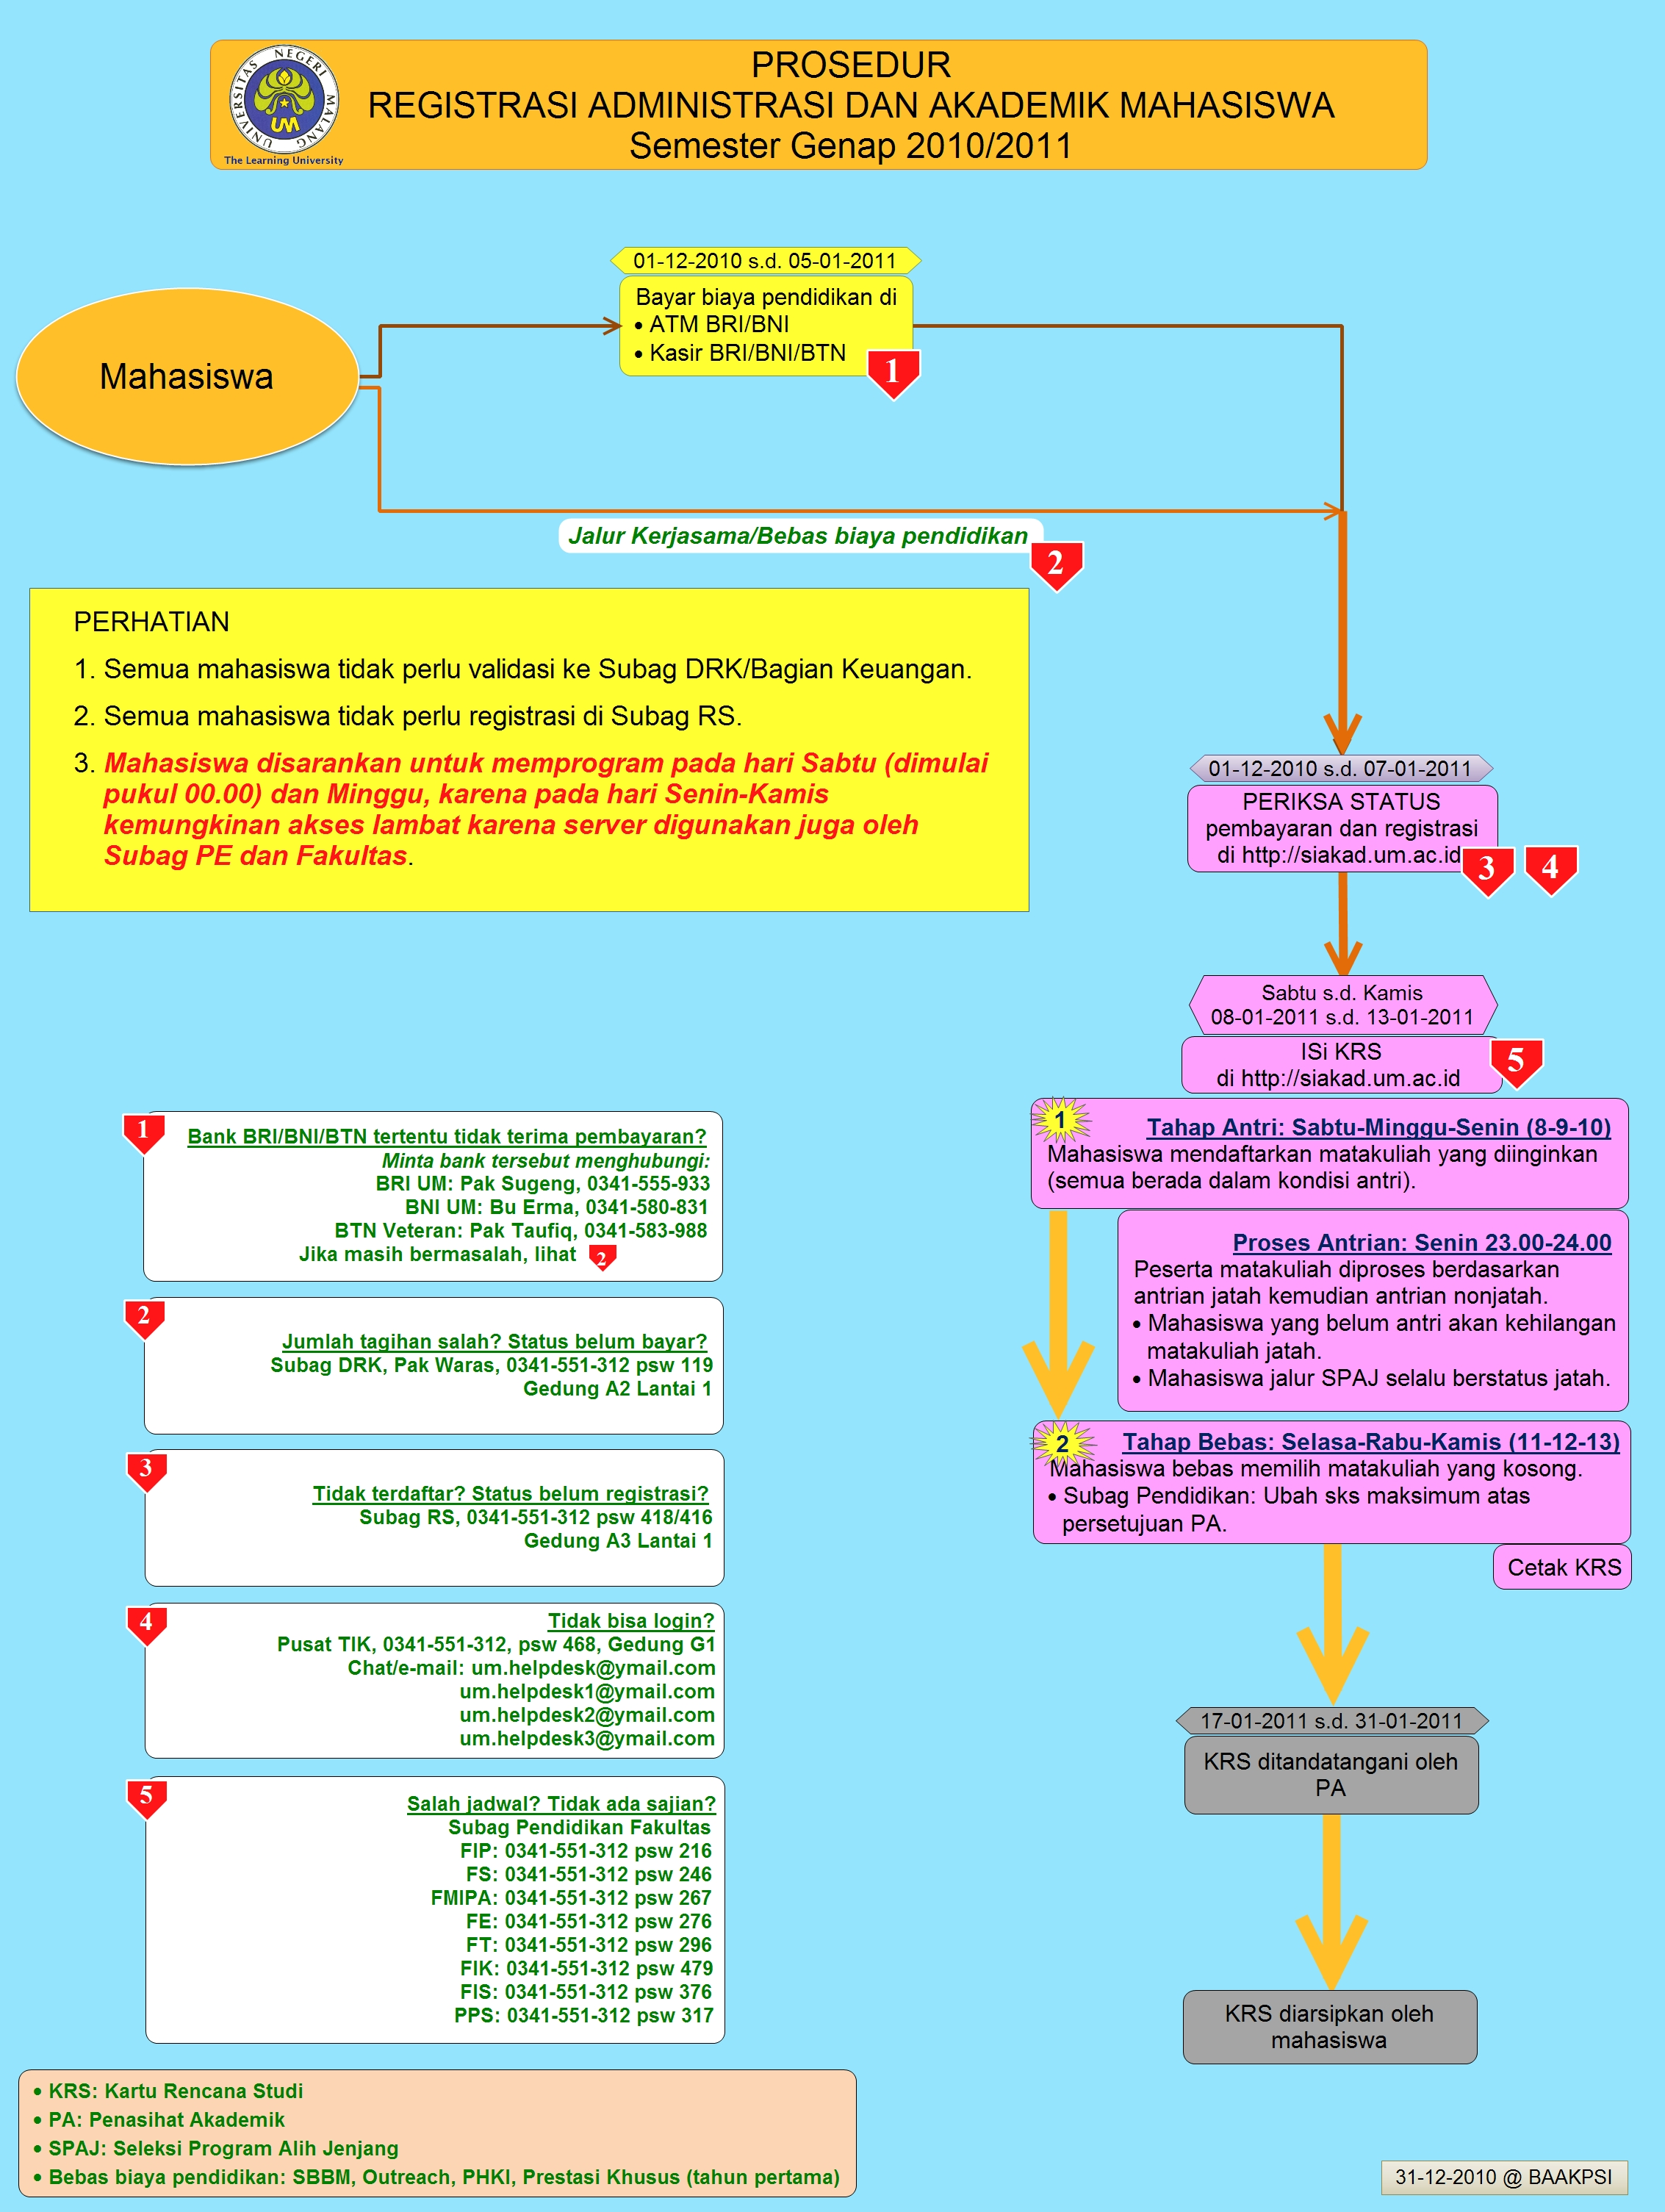 Prosedur Registrasi Administrasi dan Akademik Mahasiswa Semester Genap 2010/2011